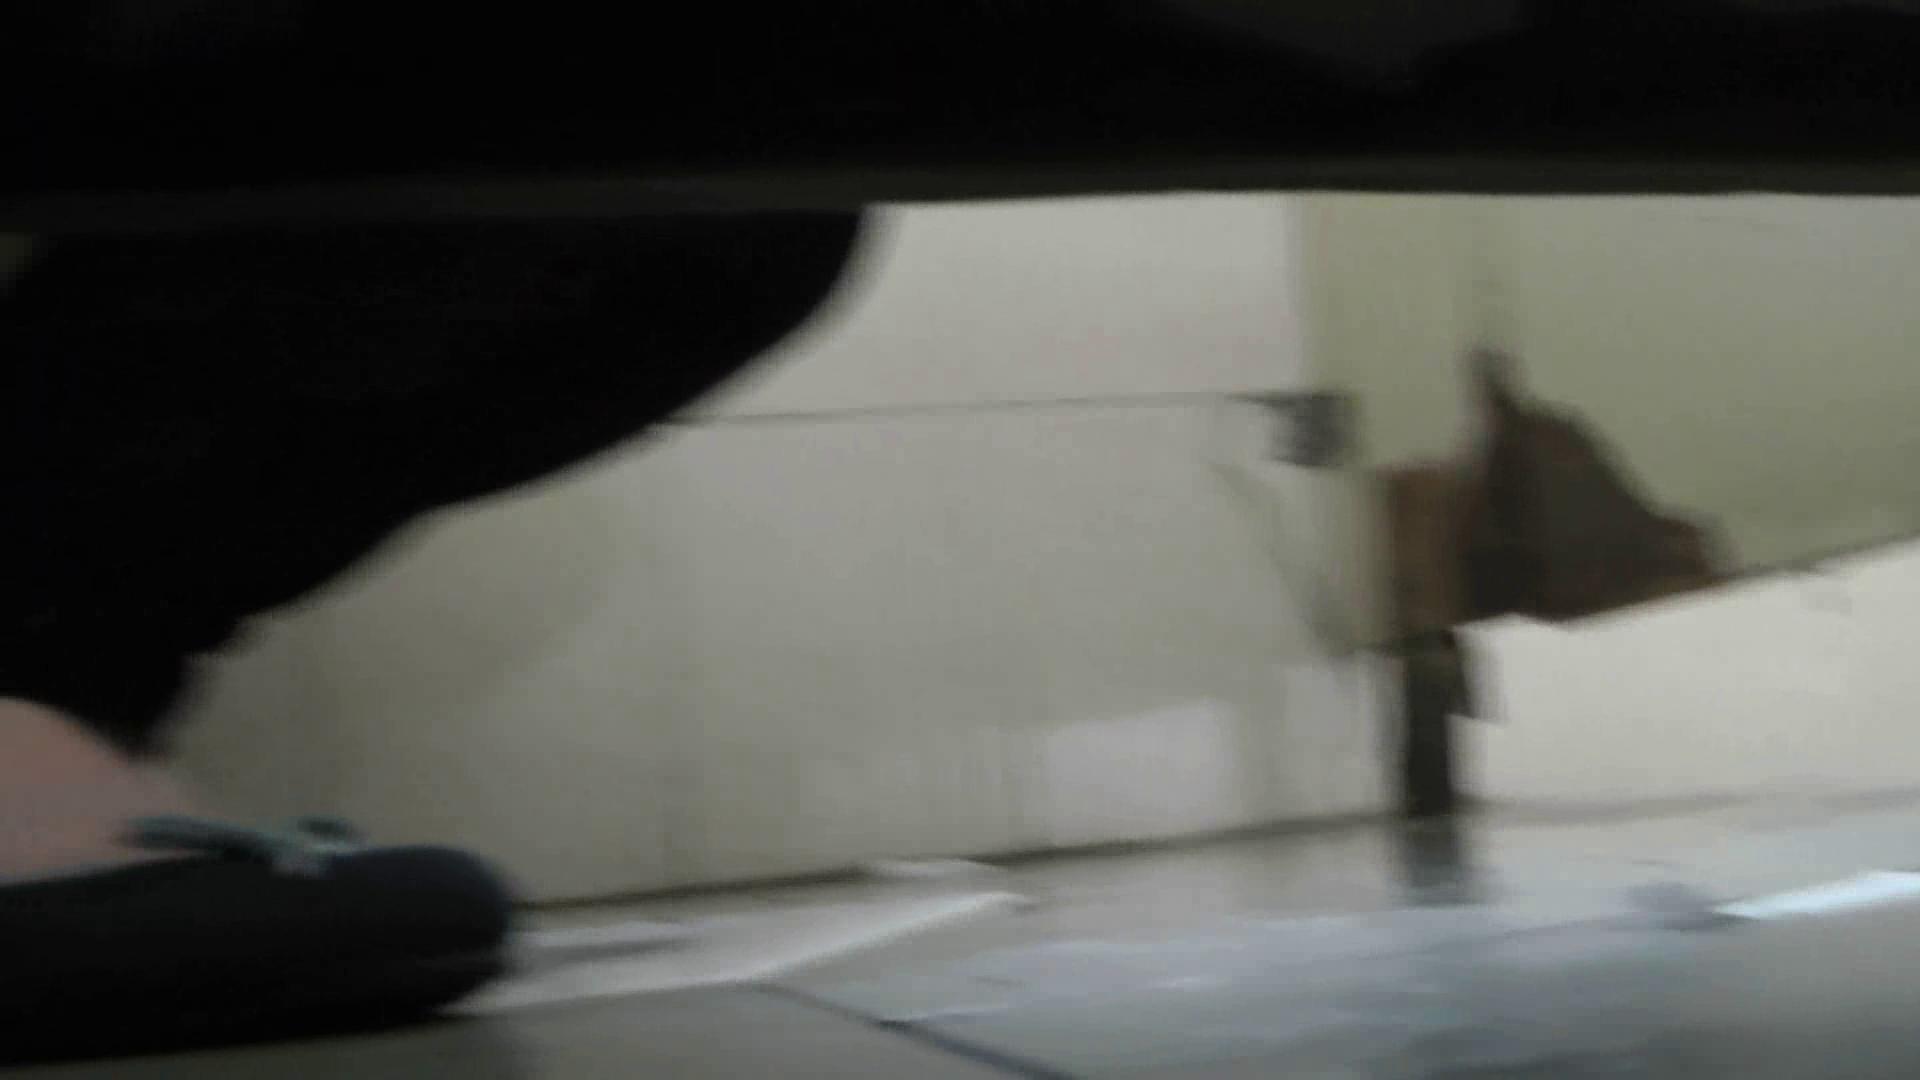 世界の射窓から ステーション編 vol.17厦大女厕偷拍 qianp 洗面所  87PIX 73